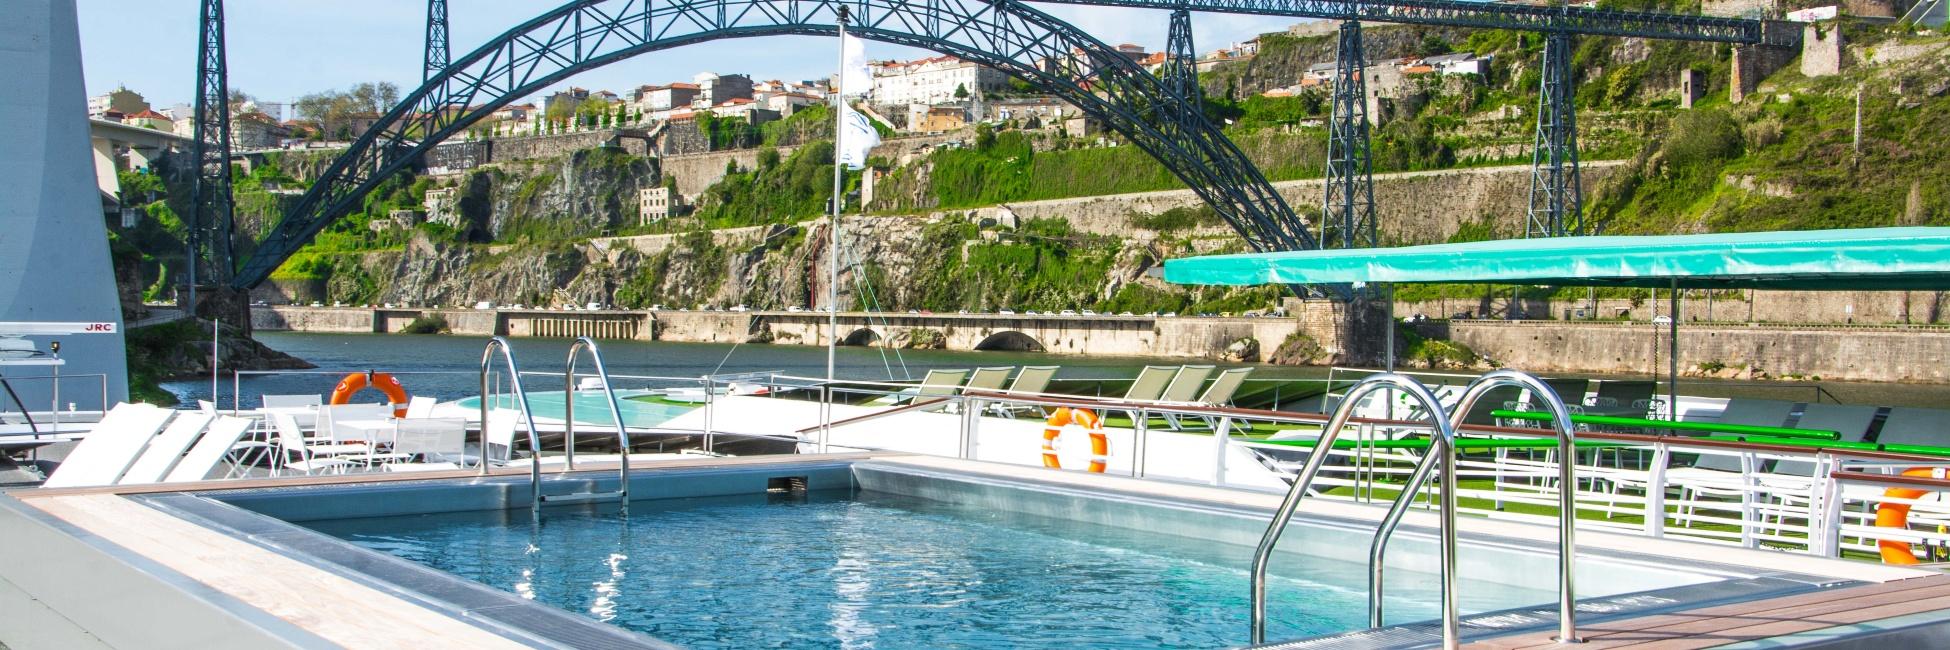 piscine sur le pont soleil croisieurope